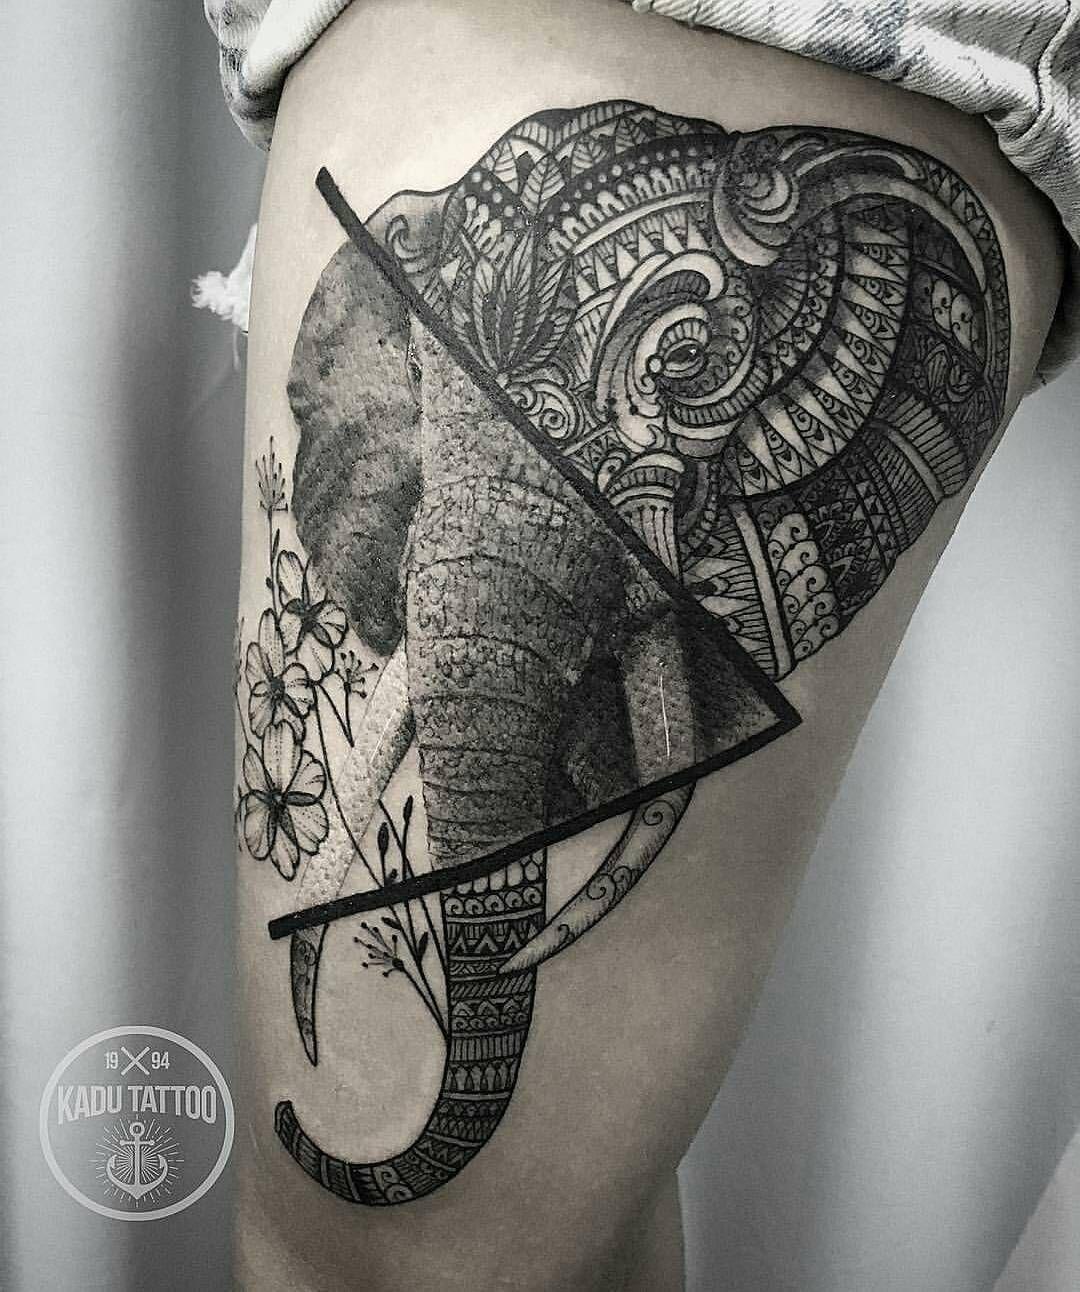 dyre tatoveringer